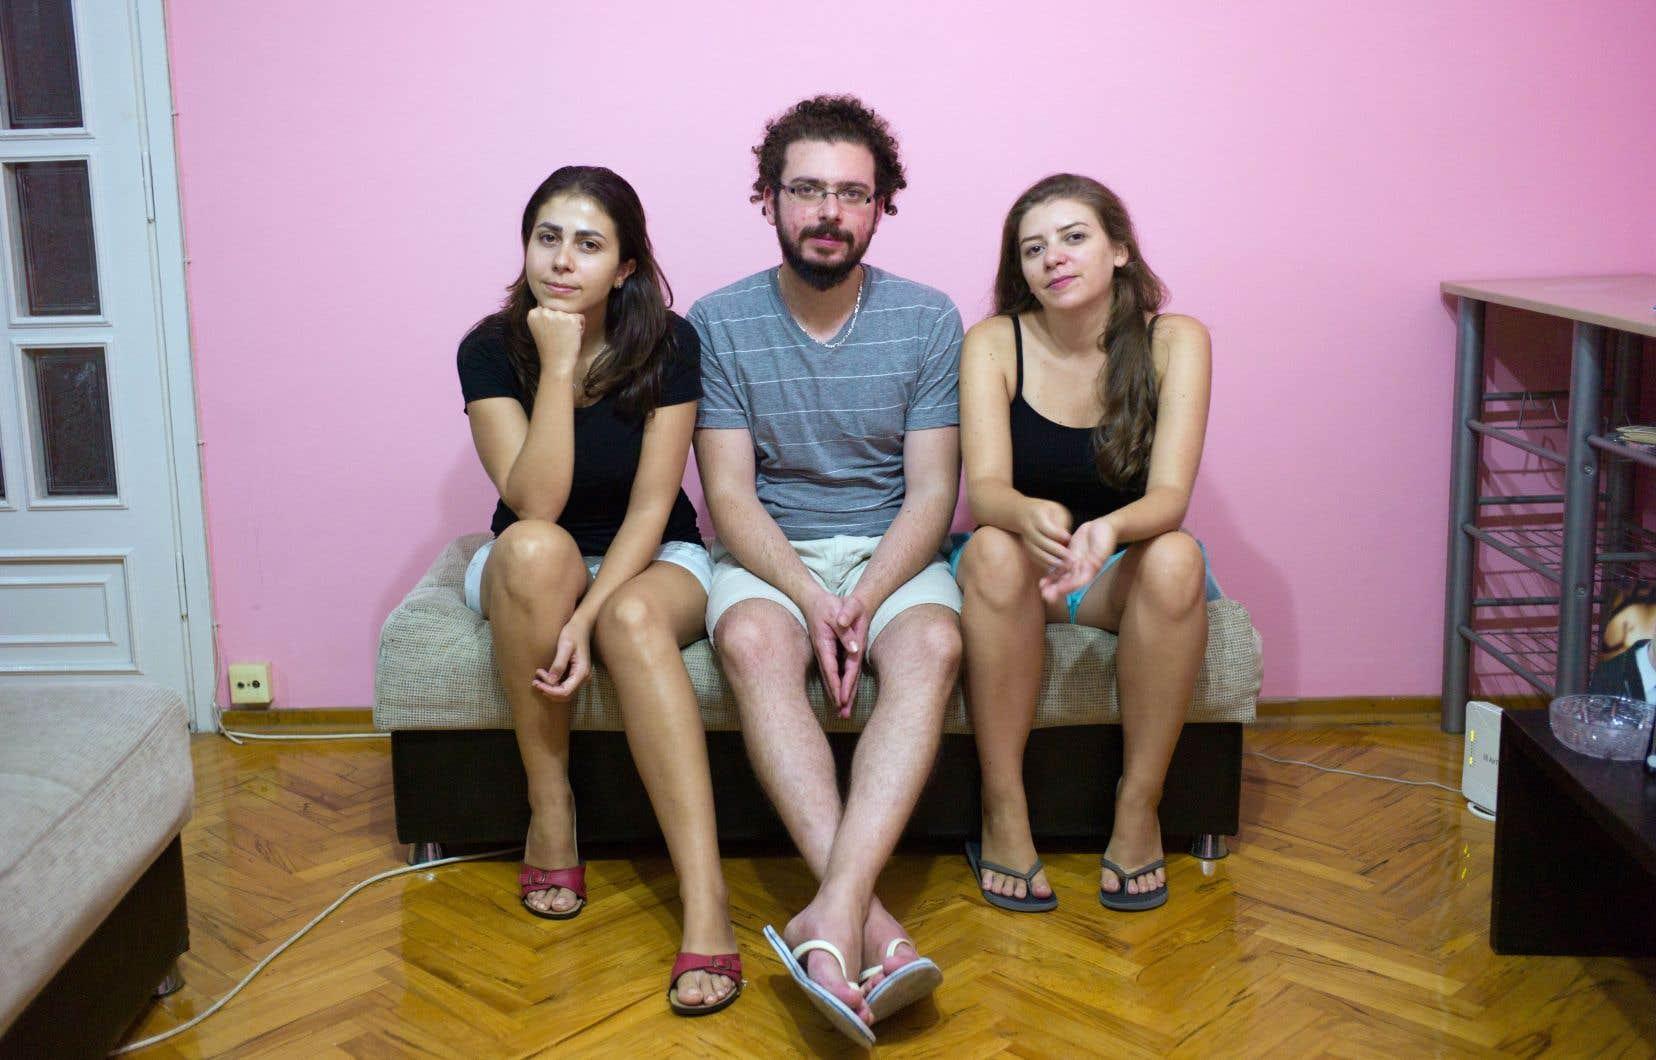 Nour Ismail, Hayan Hlaibeih et Sara Hlaibeih dans l'appartement d'Antalya, en Turquie.Ils ont fui la Syrie et attendent une réponse à la demande de parrainage privé déposée au Canada.